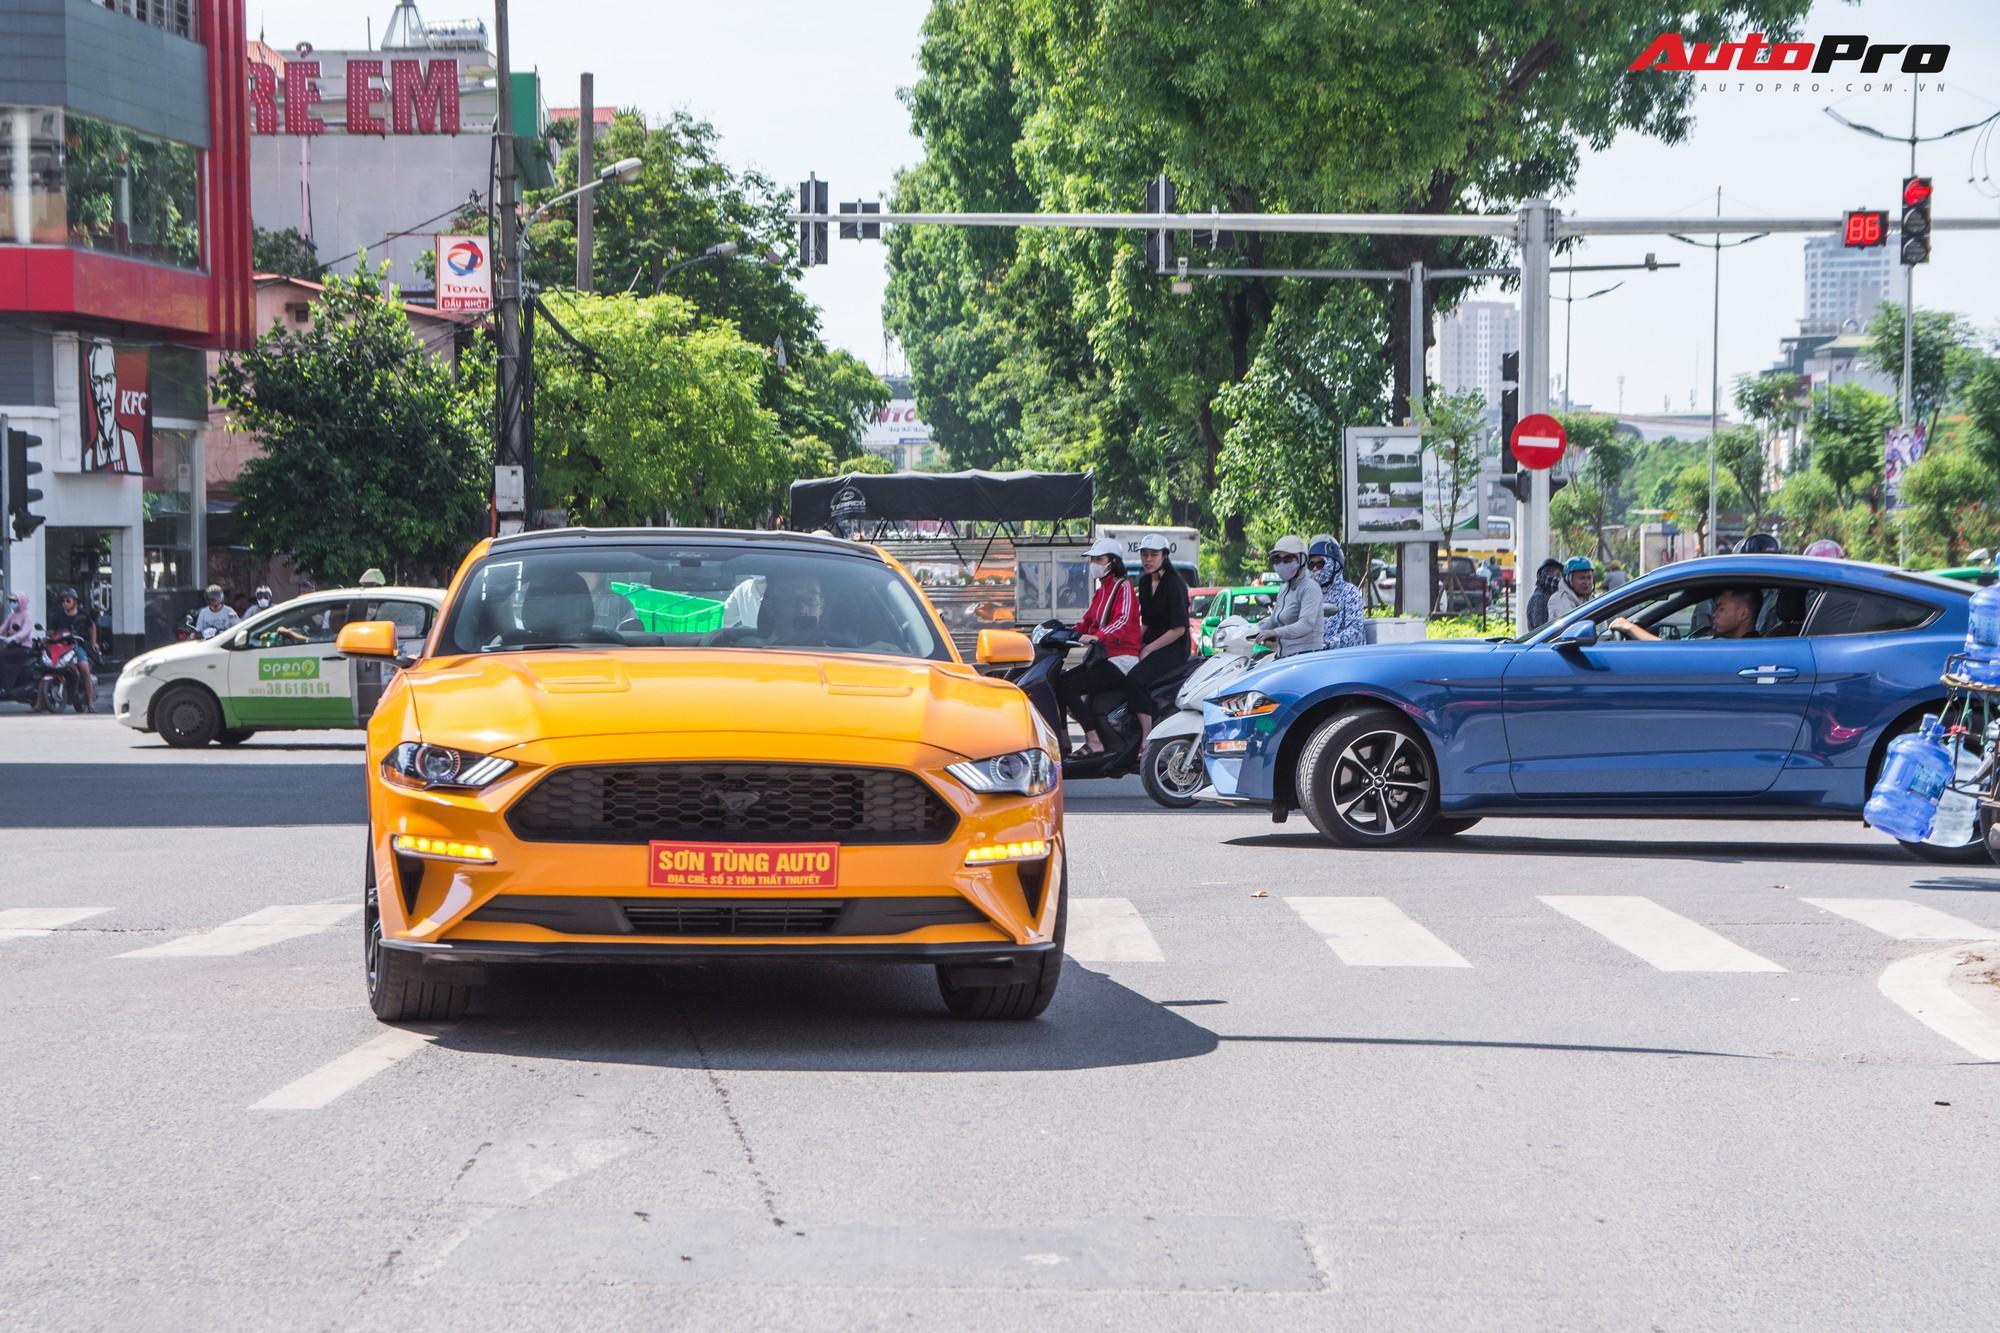 Dàn siêu xe, xe thể thao và xe siêu sang trị giá cả trăm tỷ diễu hành trên phố Hà Nội - Ảnh 19.